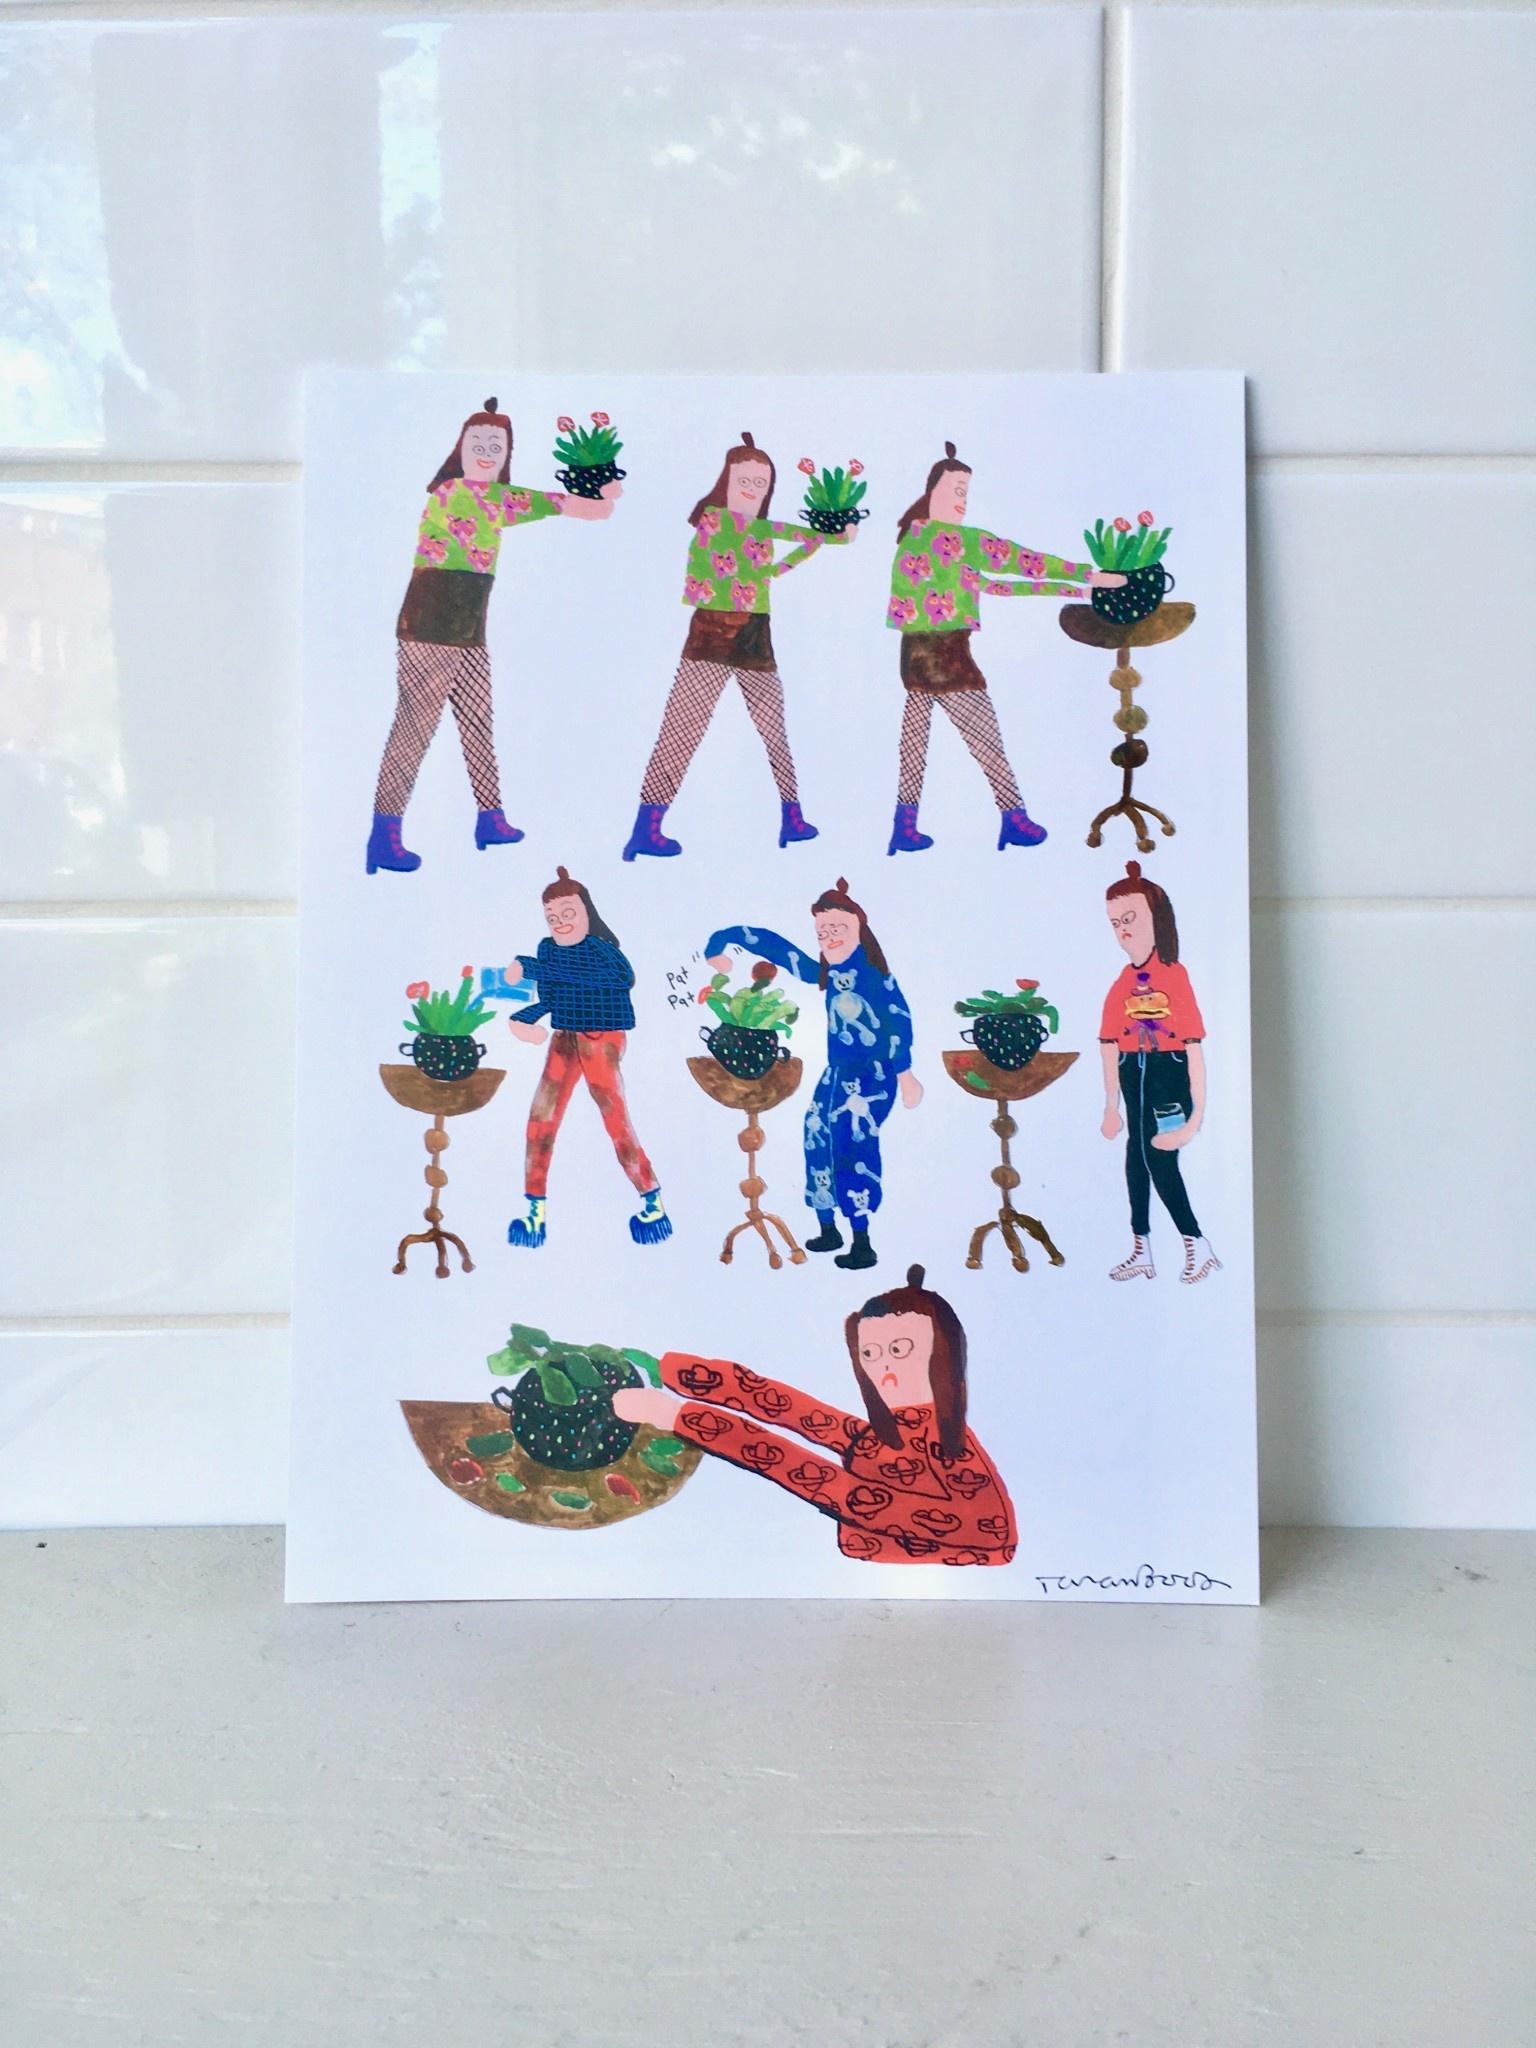 Tara Booth Affiche de Tara Booth